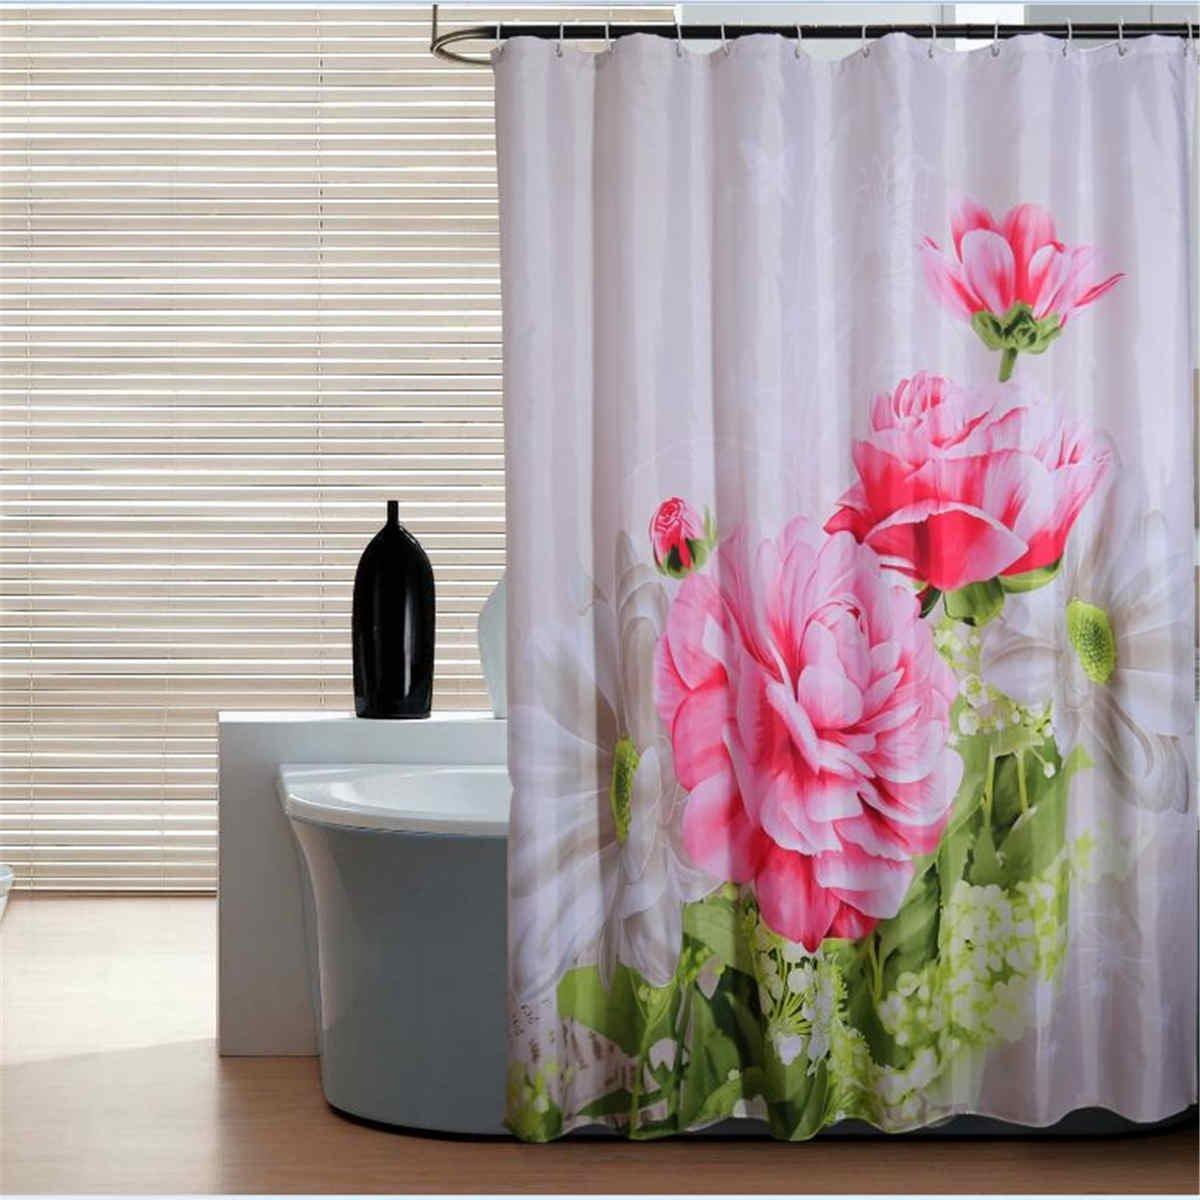 Cortinas De Baño Flores:Para VER cortinas de baño (clic aquí)